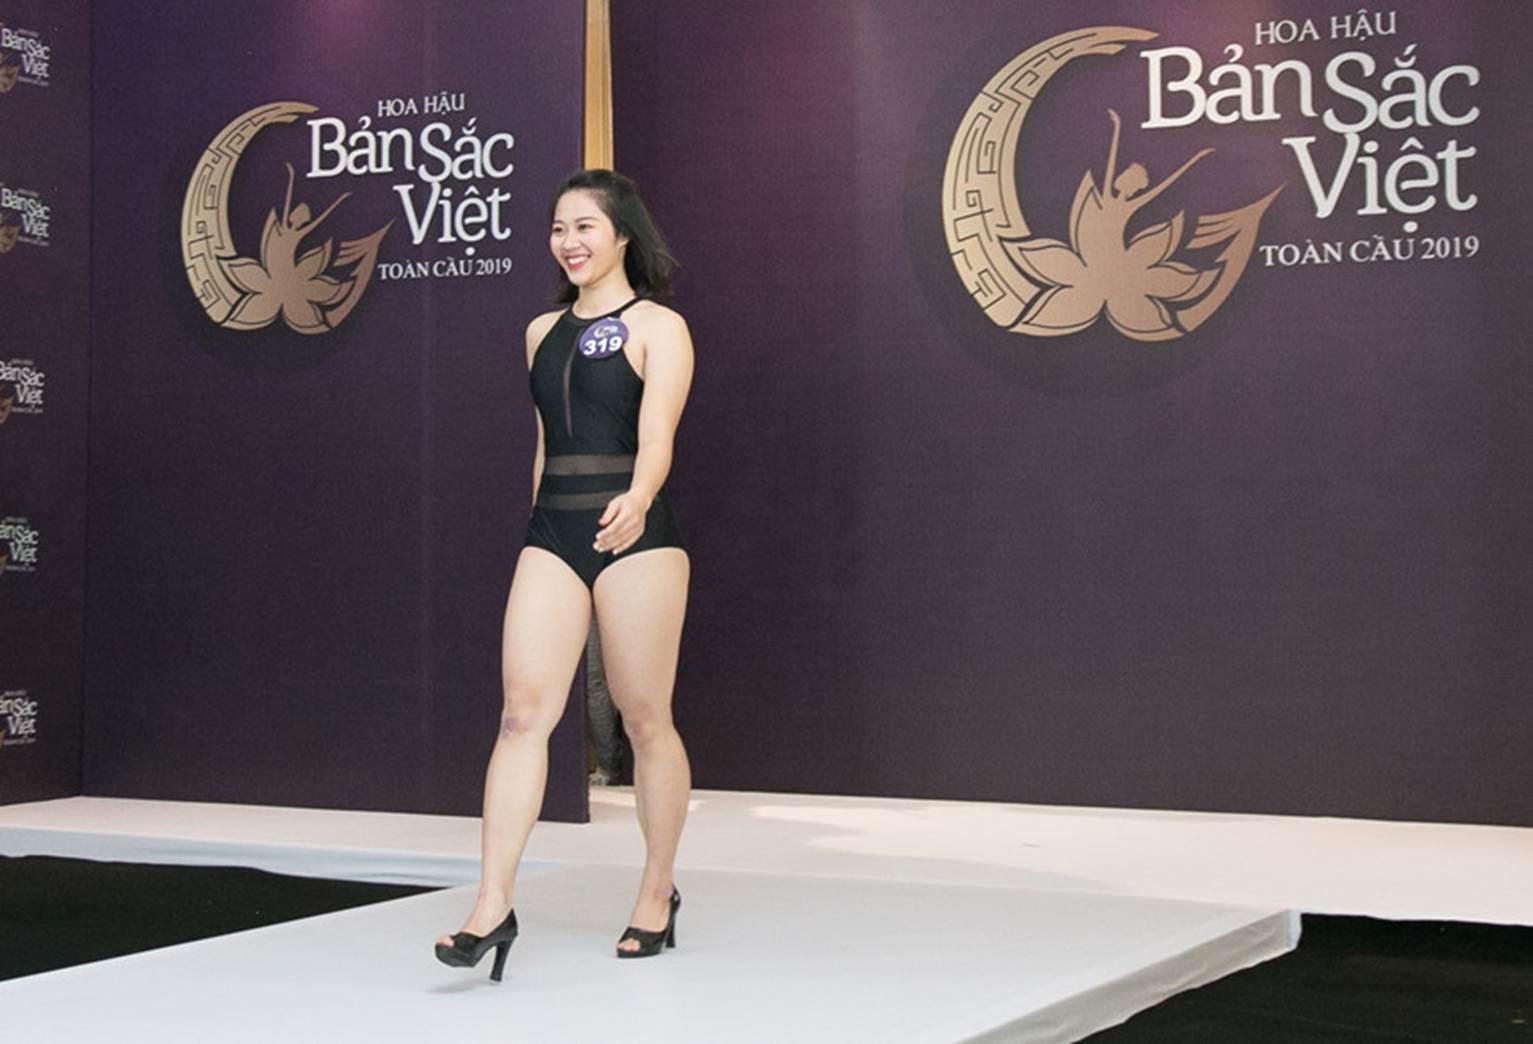 Thí sinh Hoa hậu Bản sắc Việt mặc áo tắm thi hình thể: Mặt xinh, eo to-5